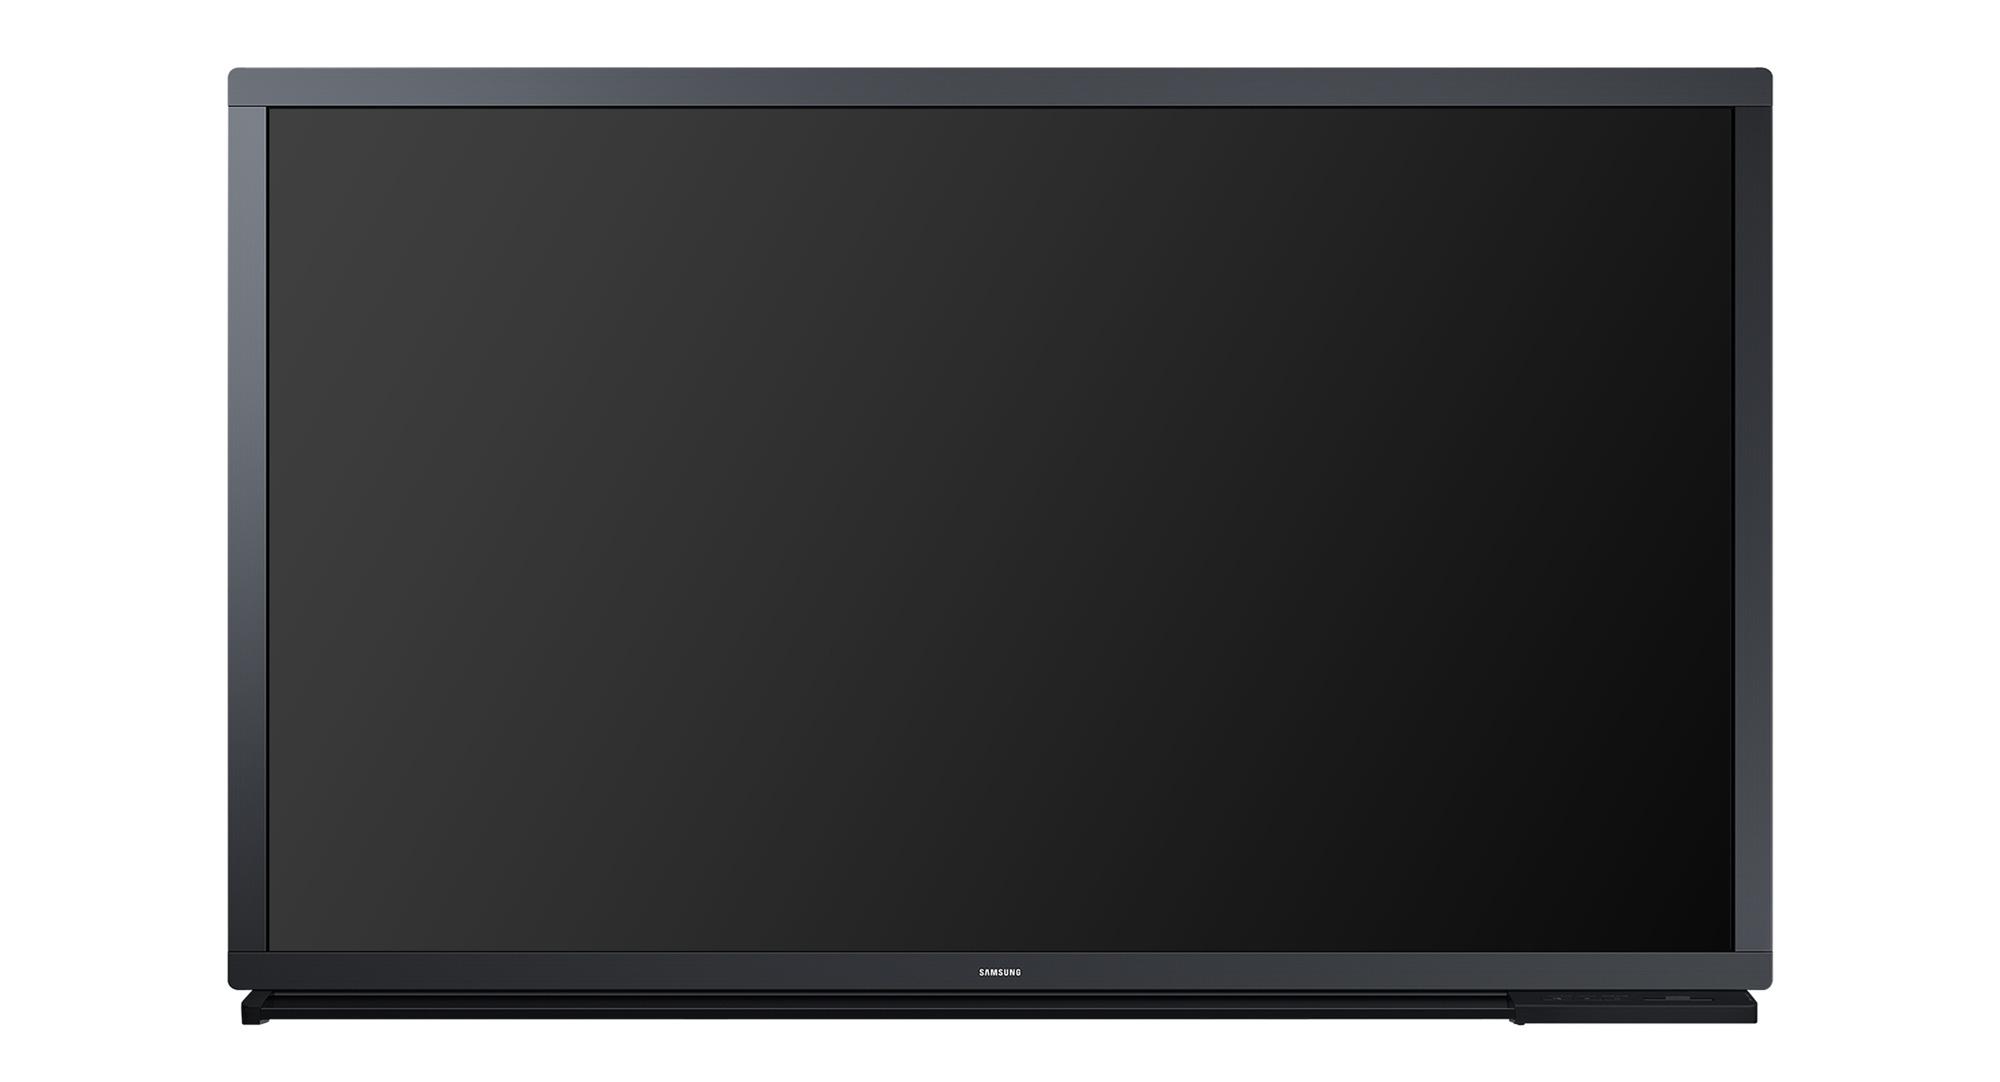 Samsung-DM82E-BR-front.jpg